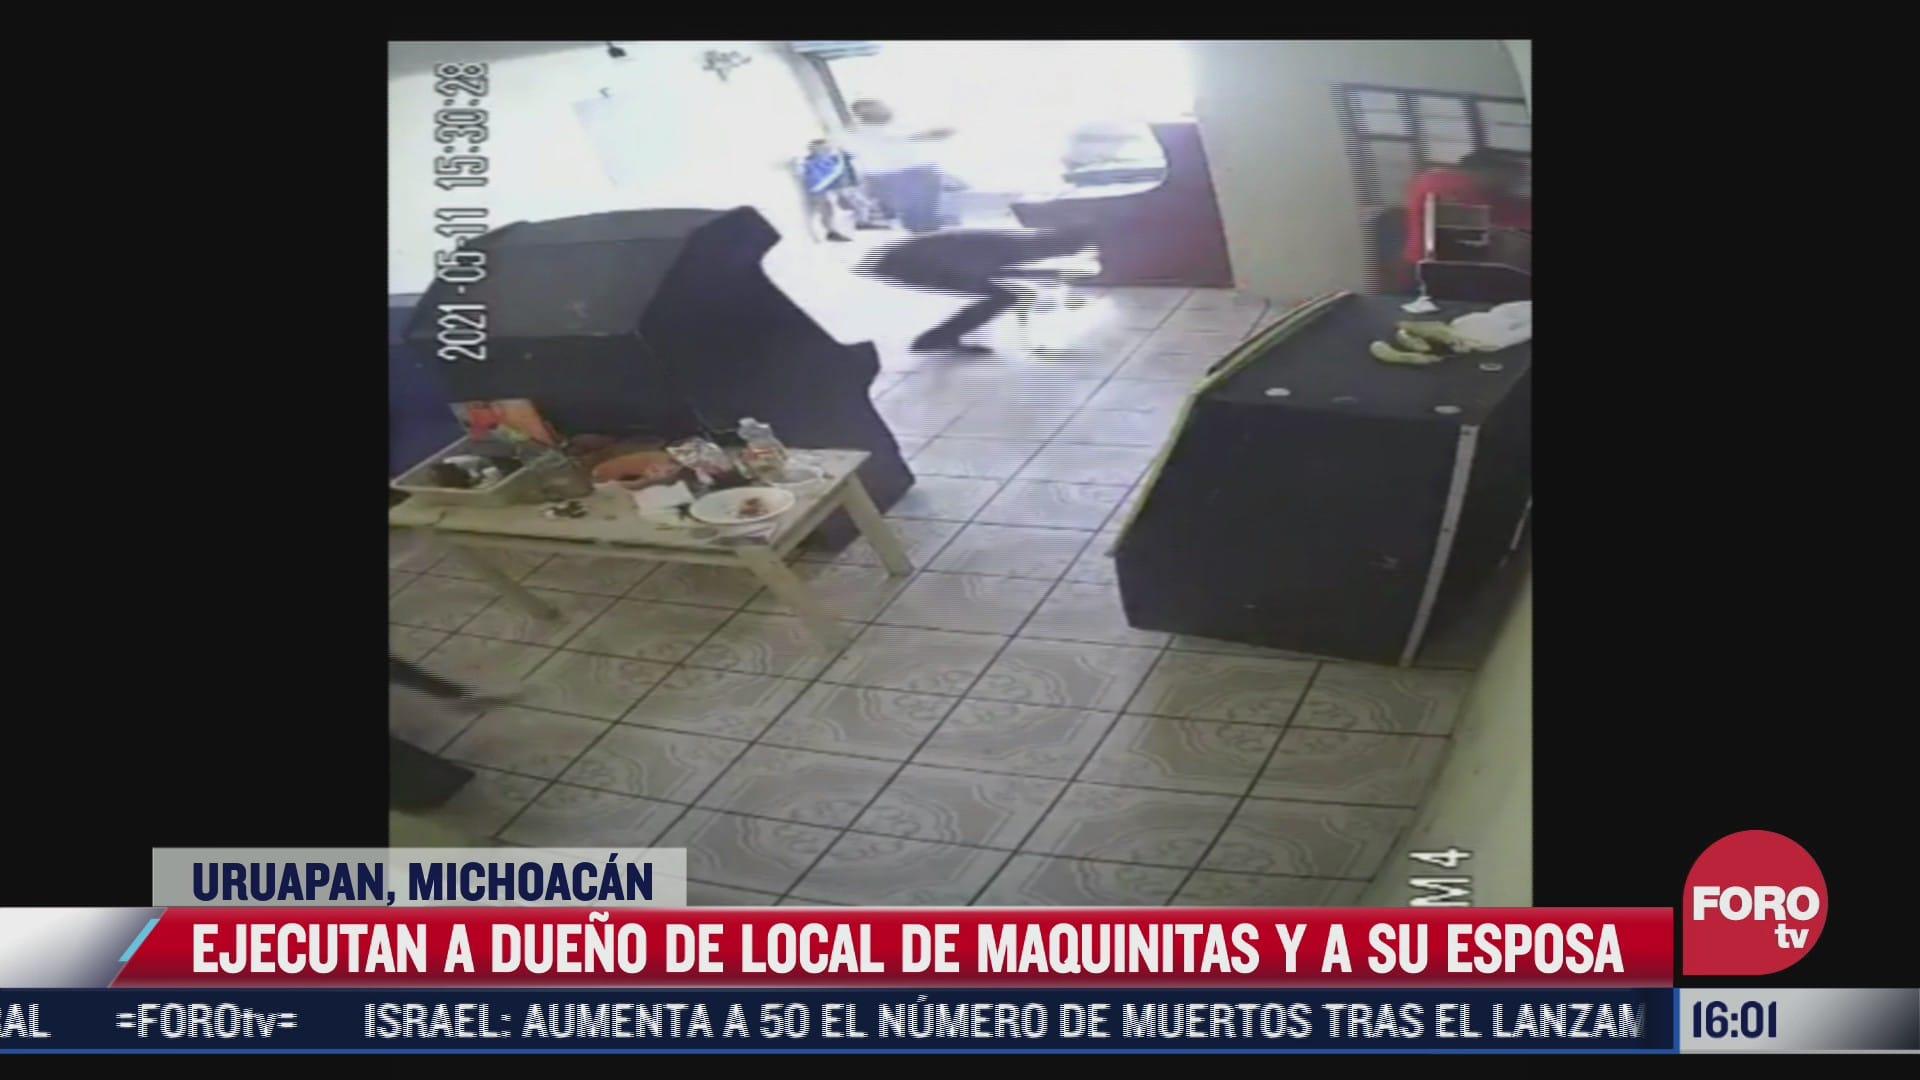 asesinan a un hombre y su esposa en un local de maquinitas en michoacan